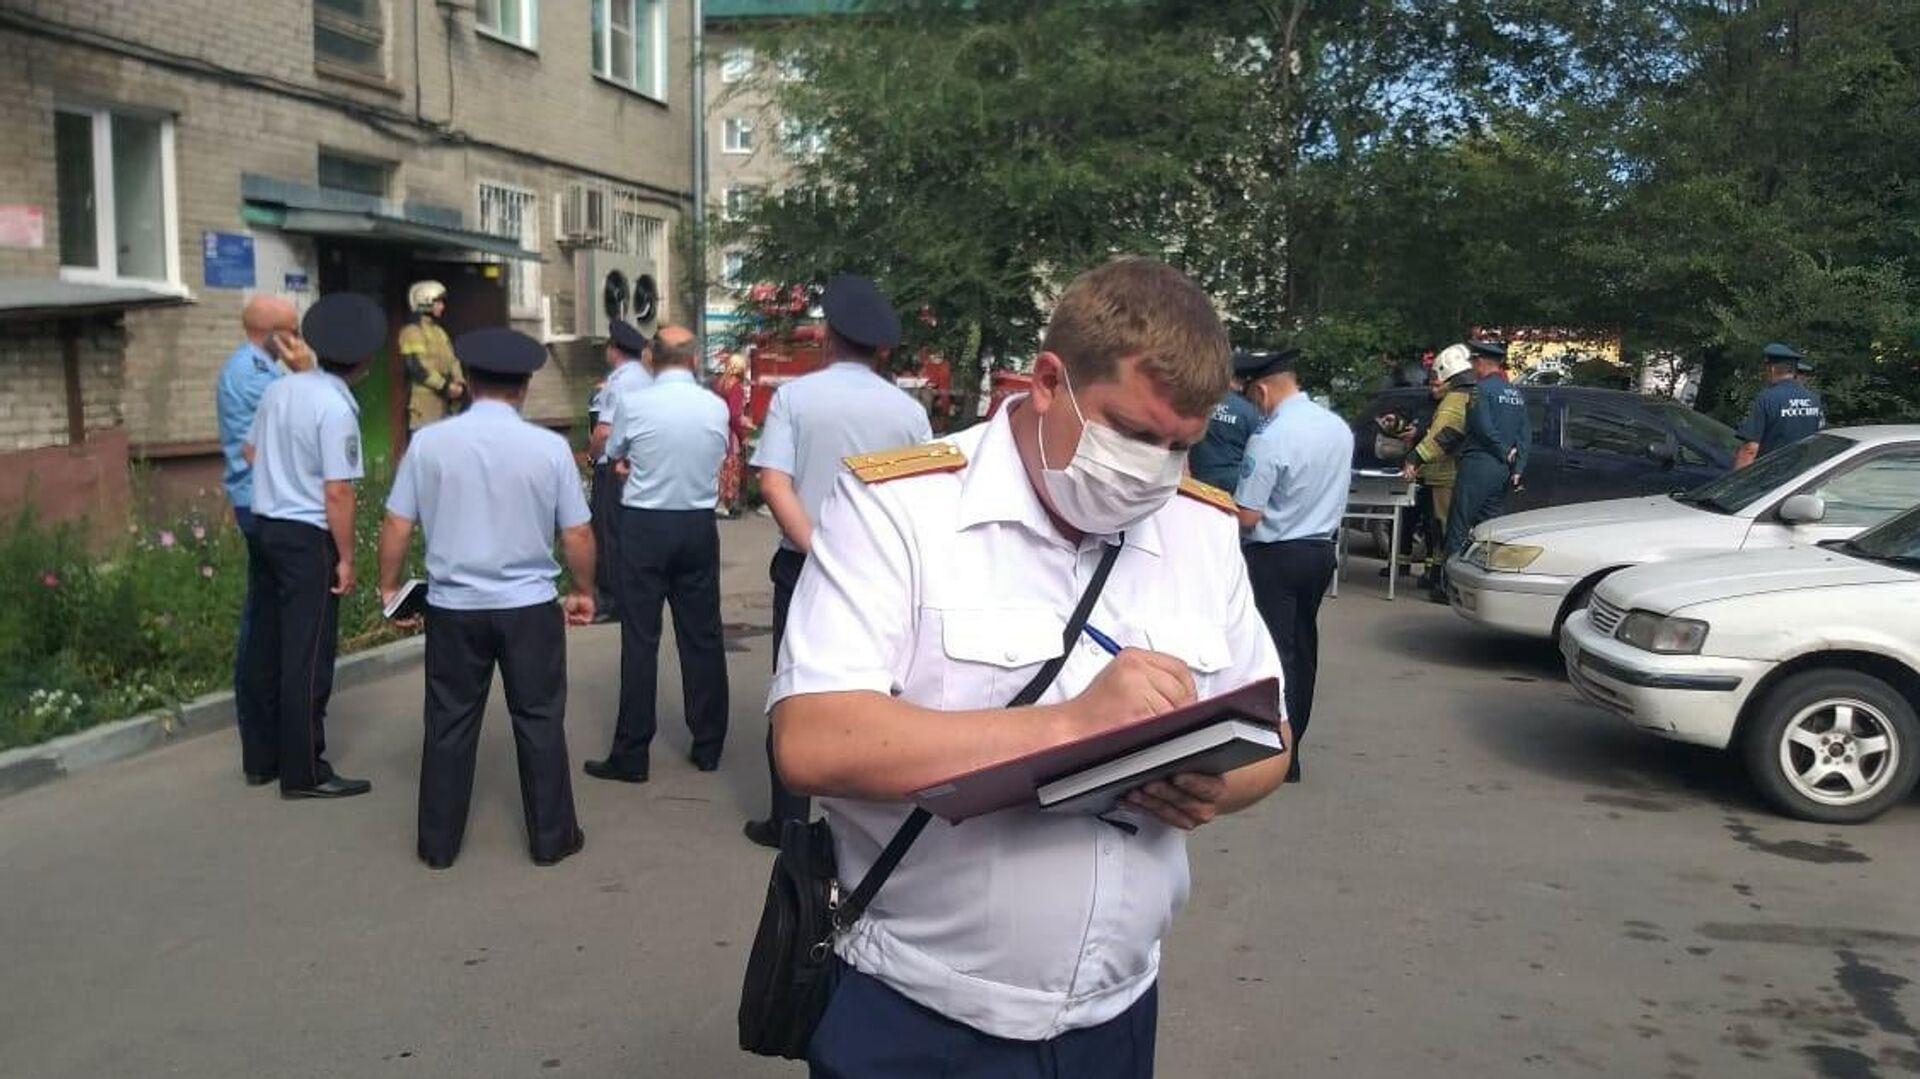 Следственный комитет на месте хлопка газа в жилом доме в Барнауле - РИА Новости, 1920, 29.07.2021